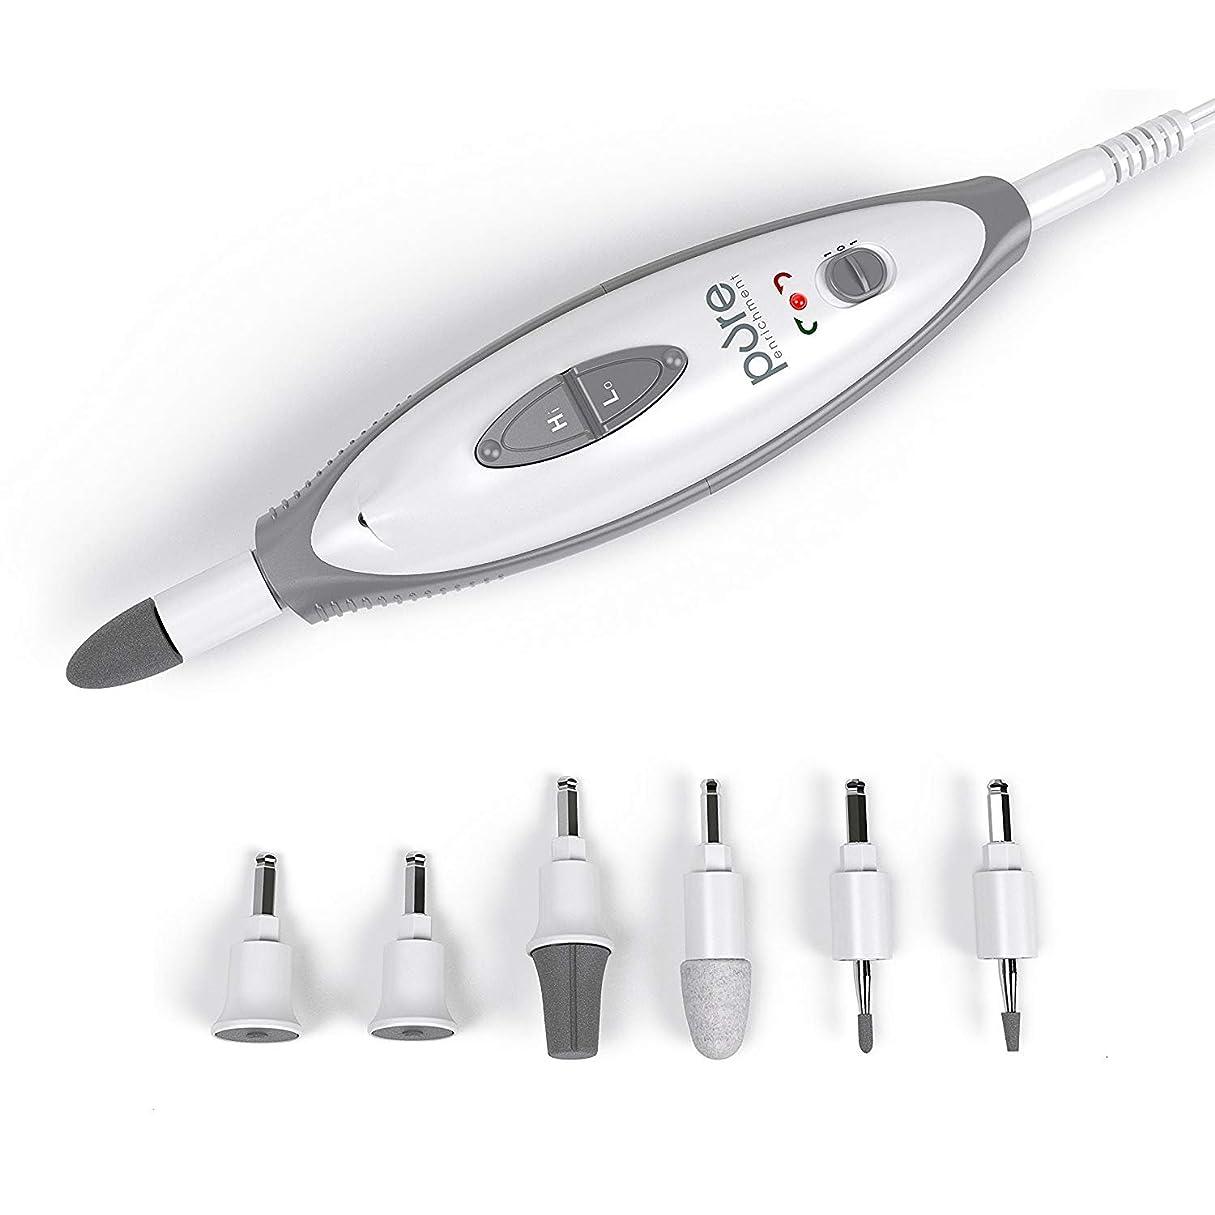 進化クリークはぁ[Pure Enrichment] [PureNails 7-piece Professional Manicure & Pedicure System - Powerful Electric Nail Drill for Salon-quality Grooming of Hands & Feet At Home ] (並行輸入品)